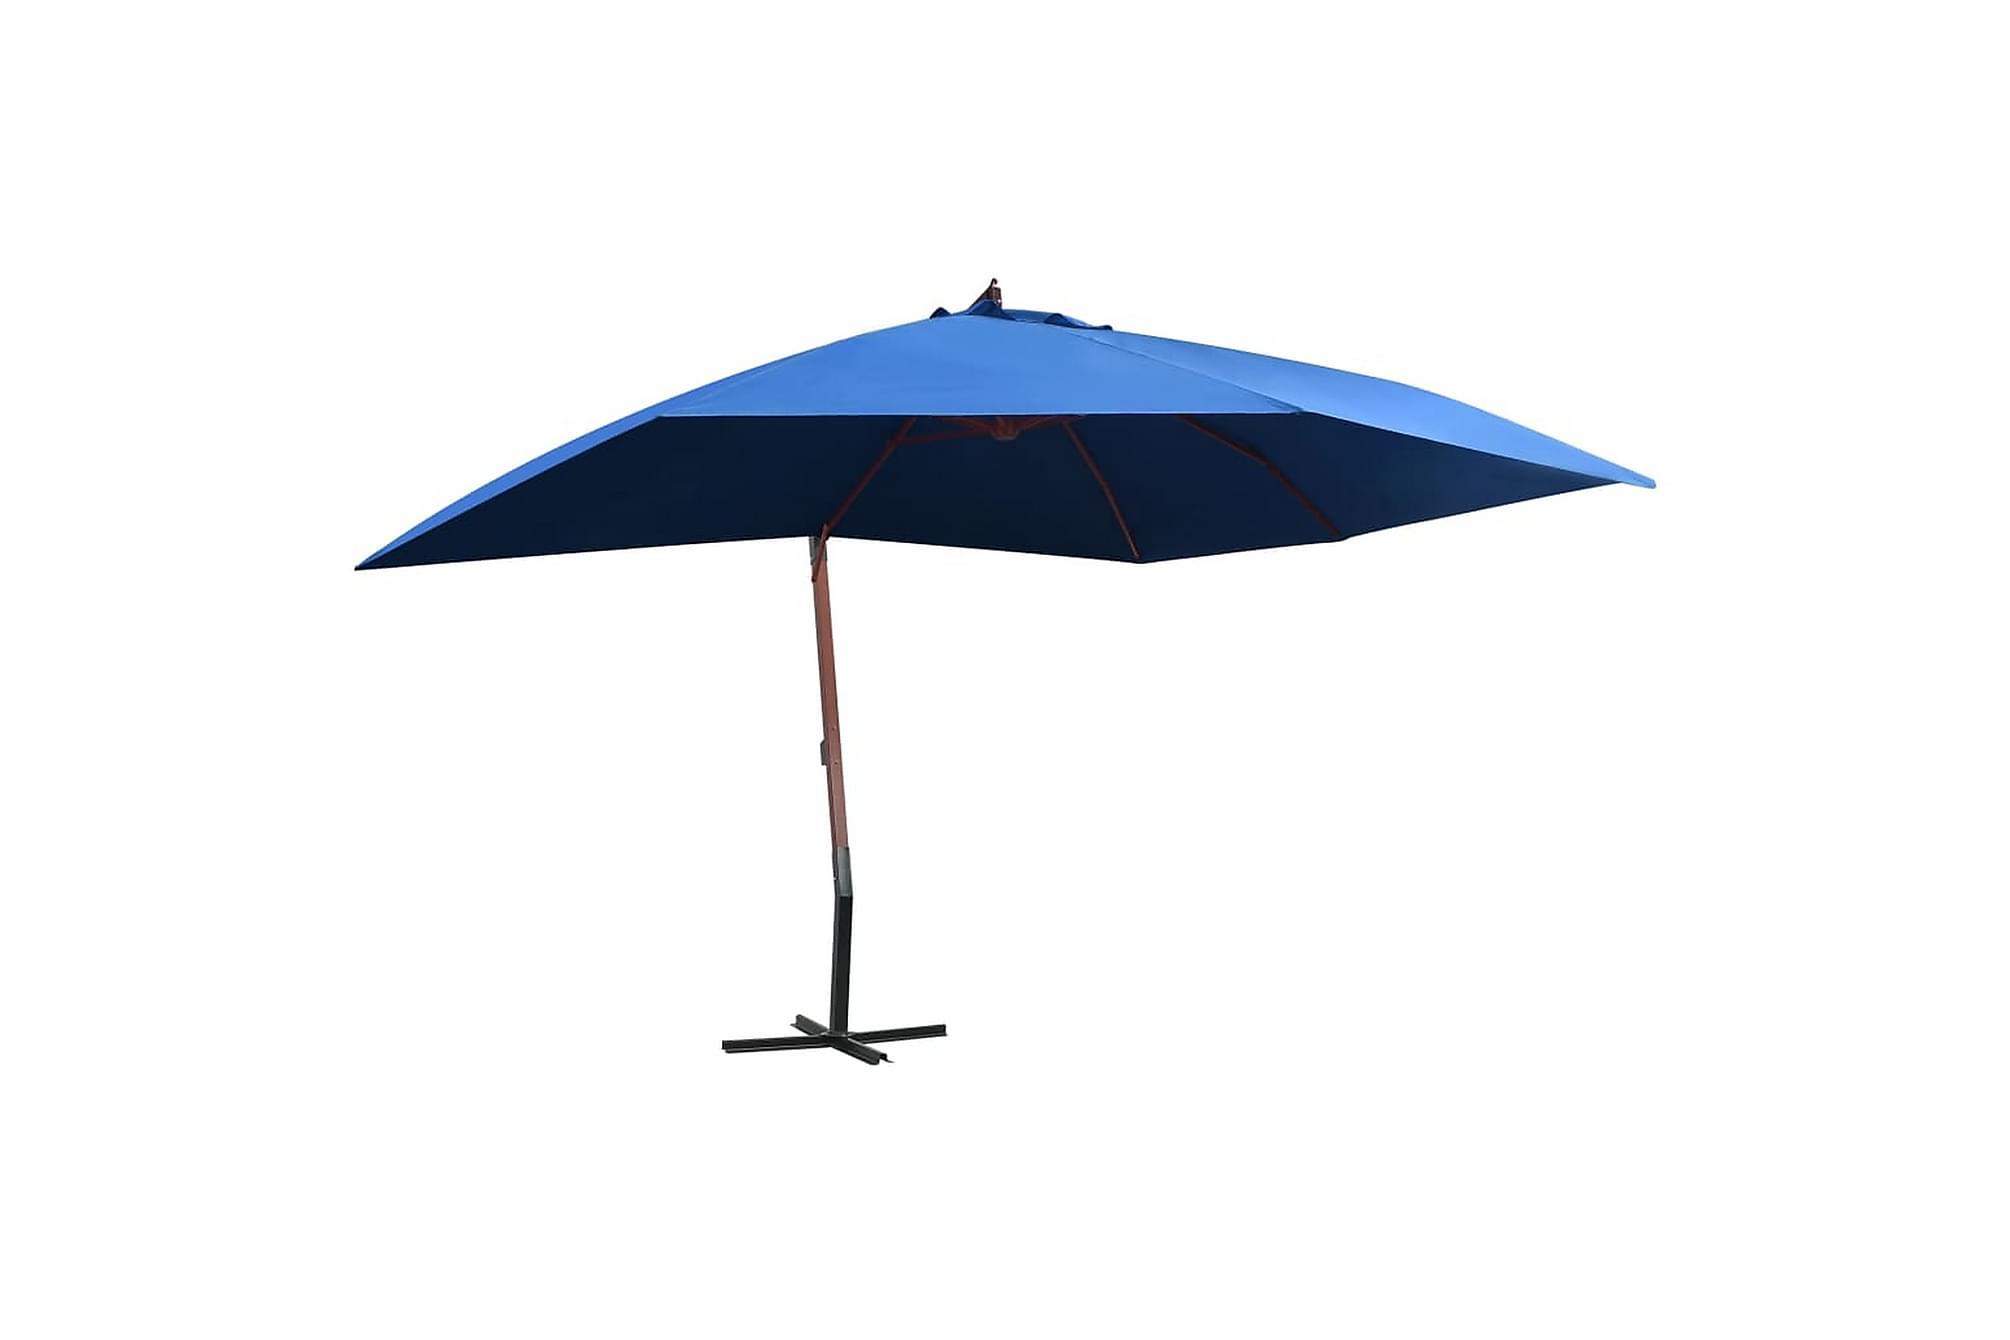 Hängande parasoll med trästång 400x300 cm blå, Parasoll